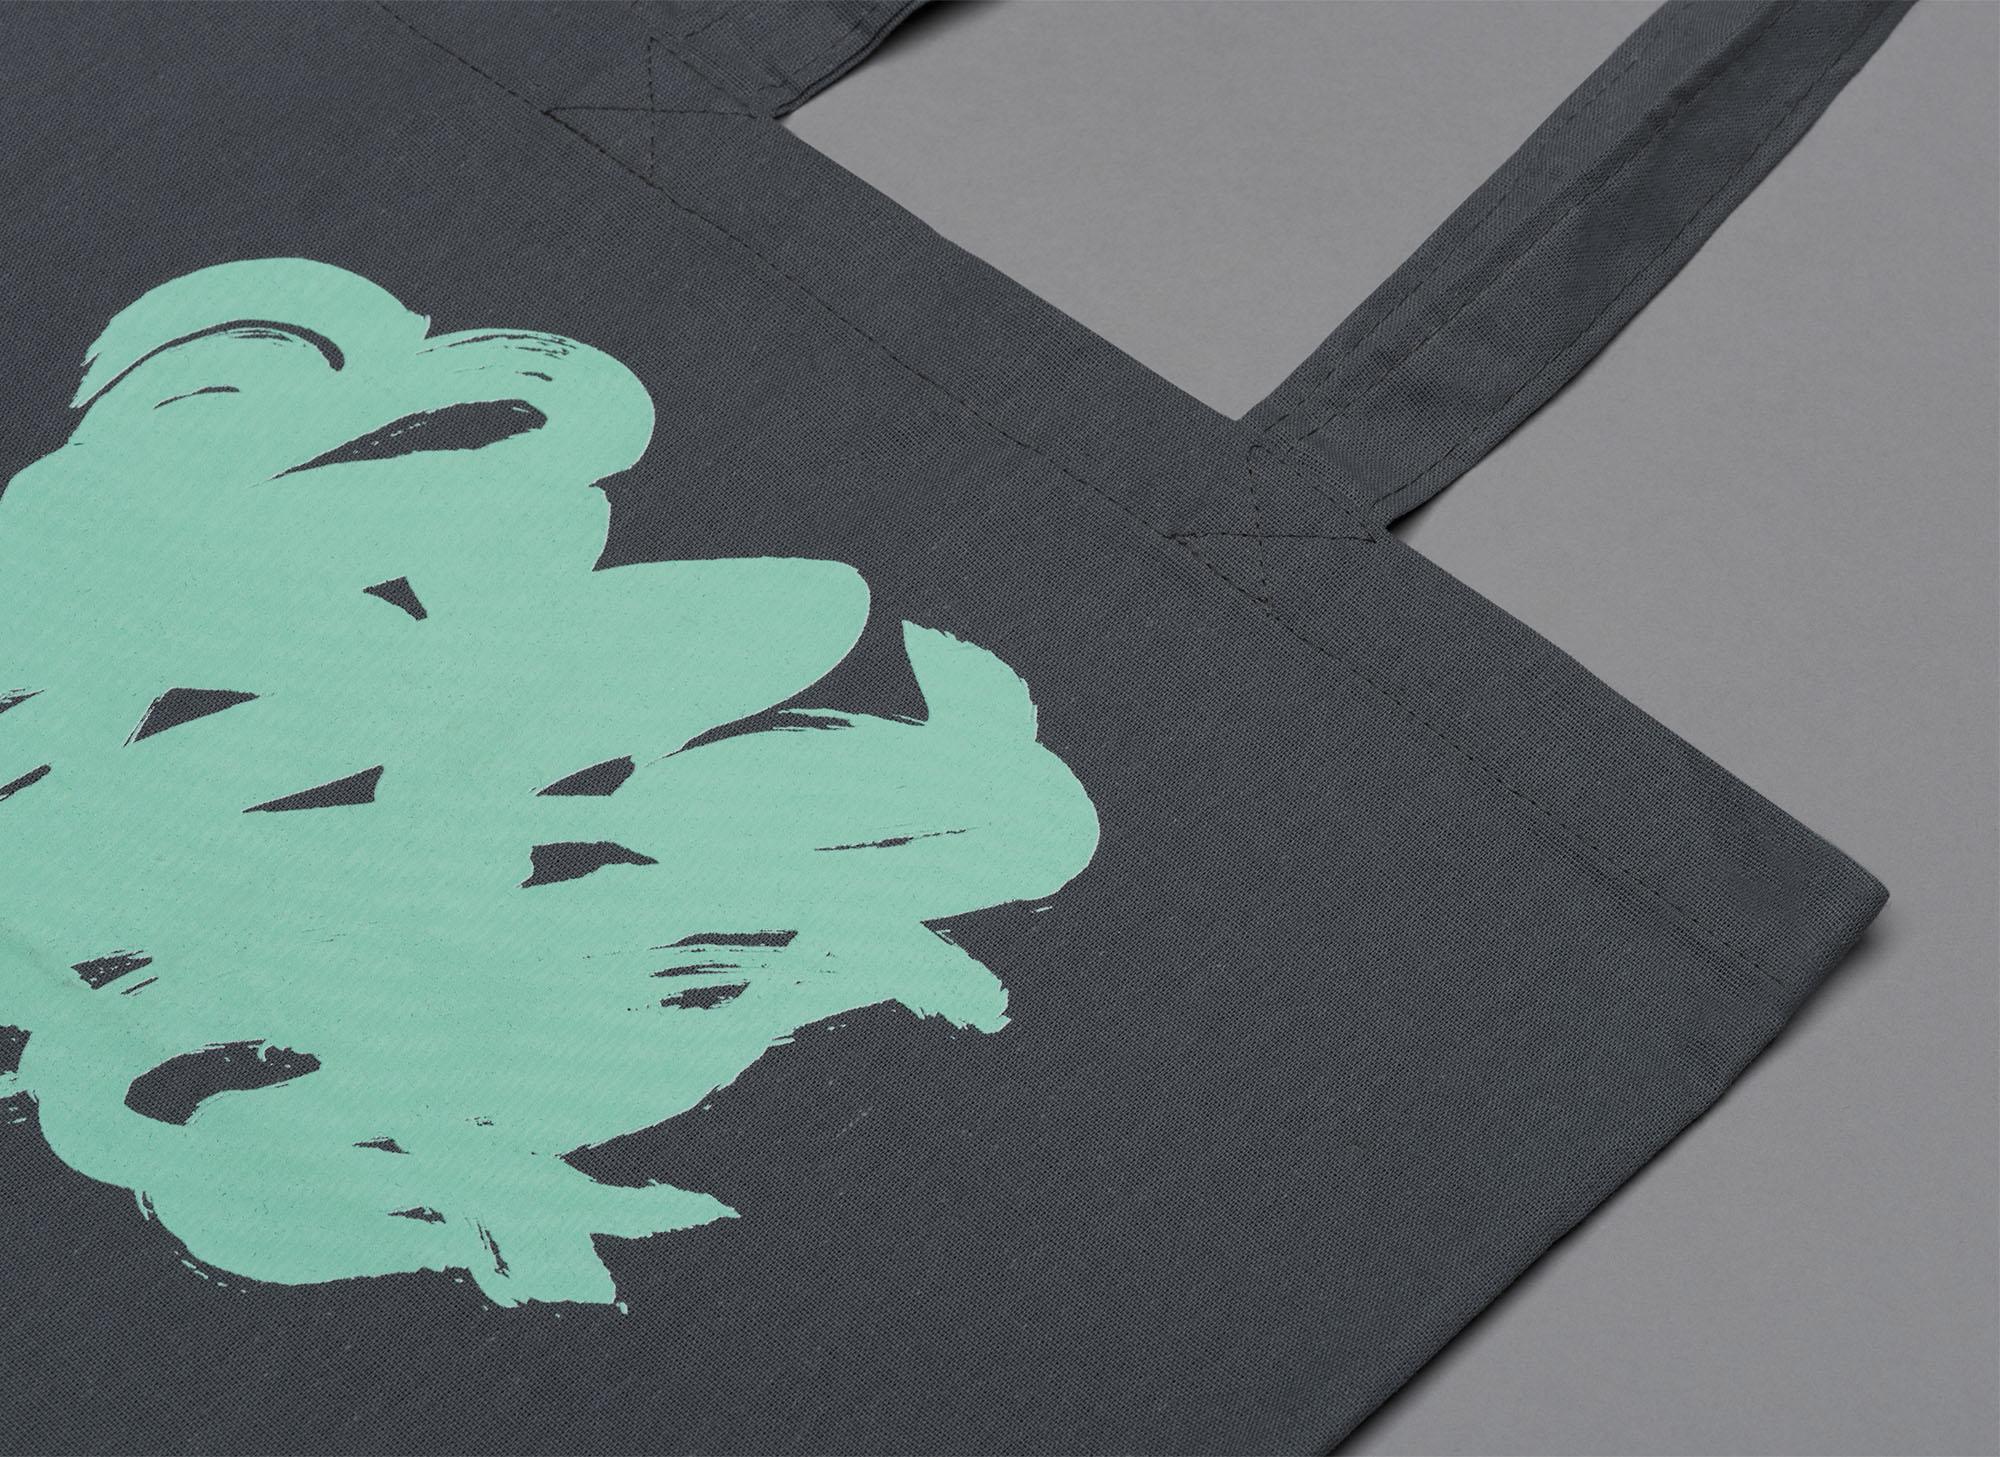 Green swirls screenprinted on a navy blue tote bag